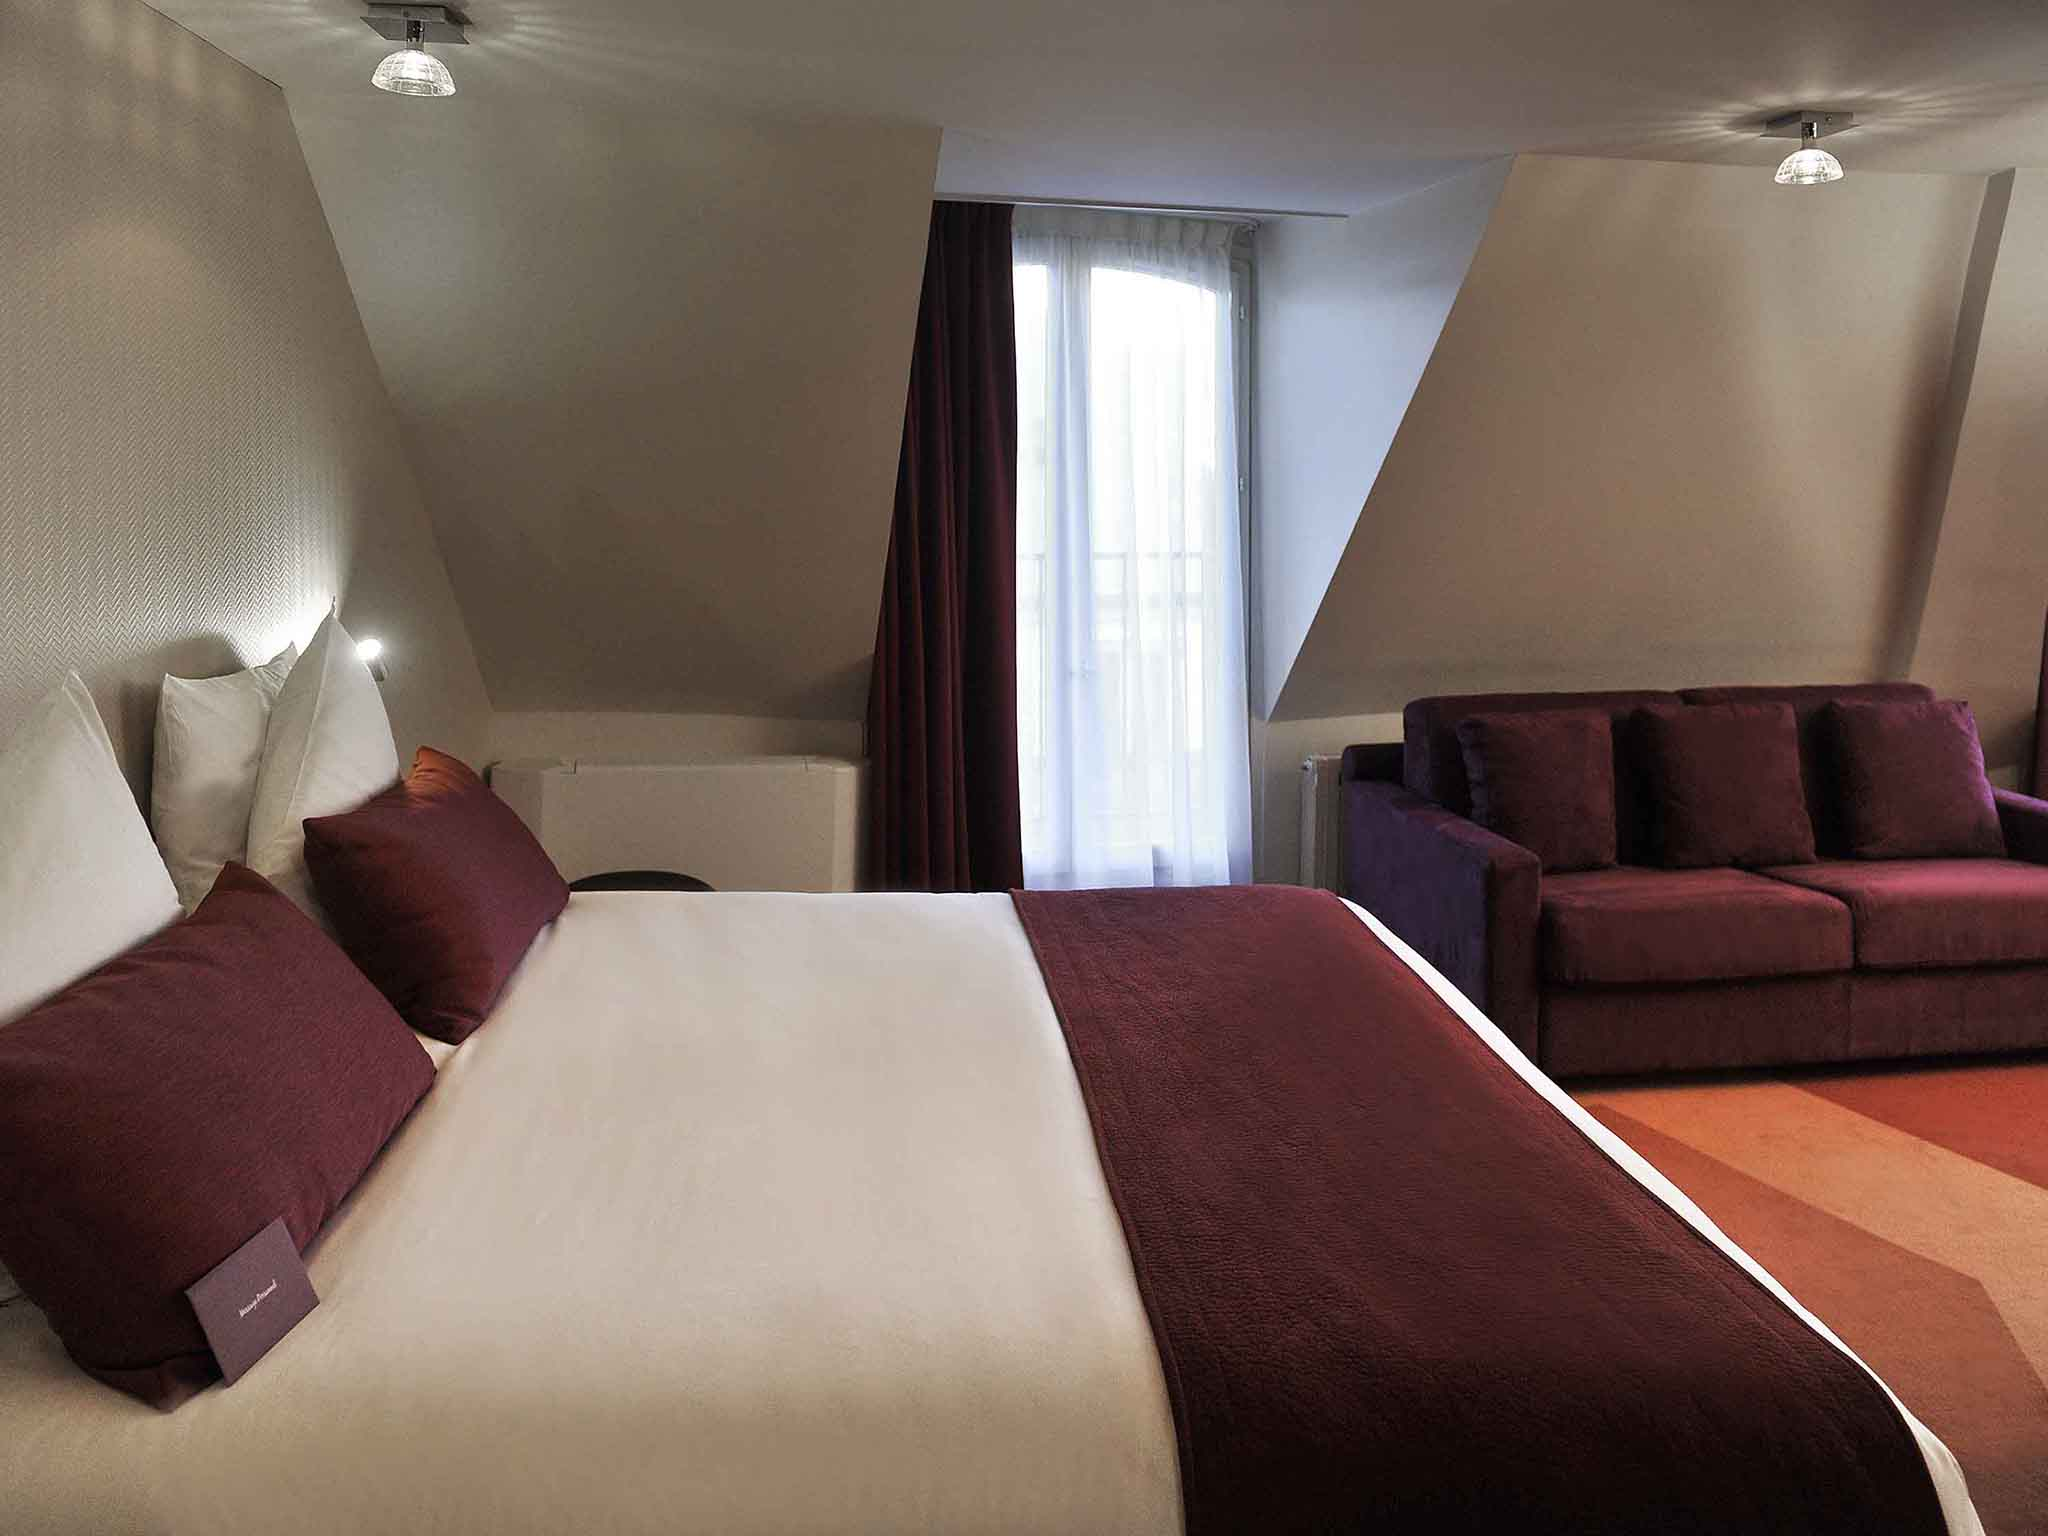 โรงแรม – โรงแรมเมอร์เคียว ปารีส ลาฟาแยต